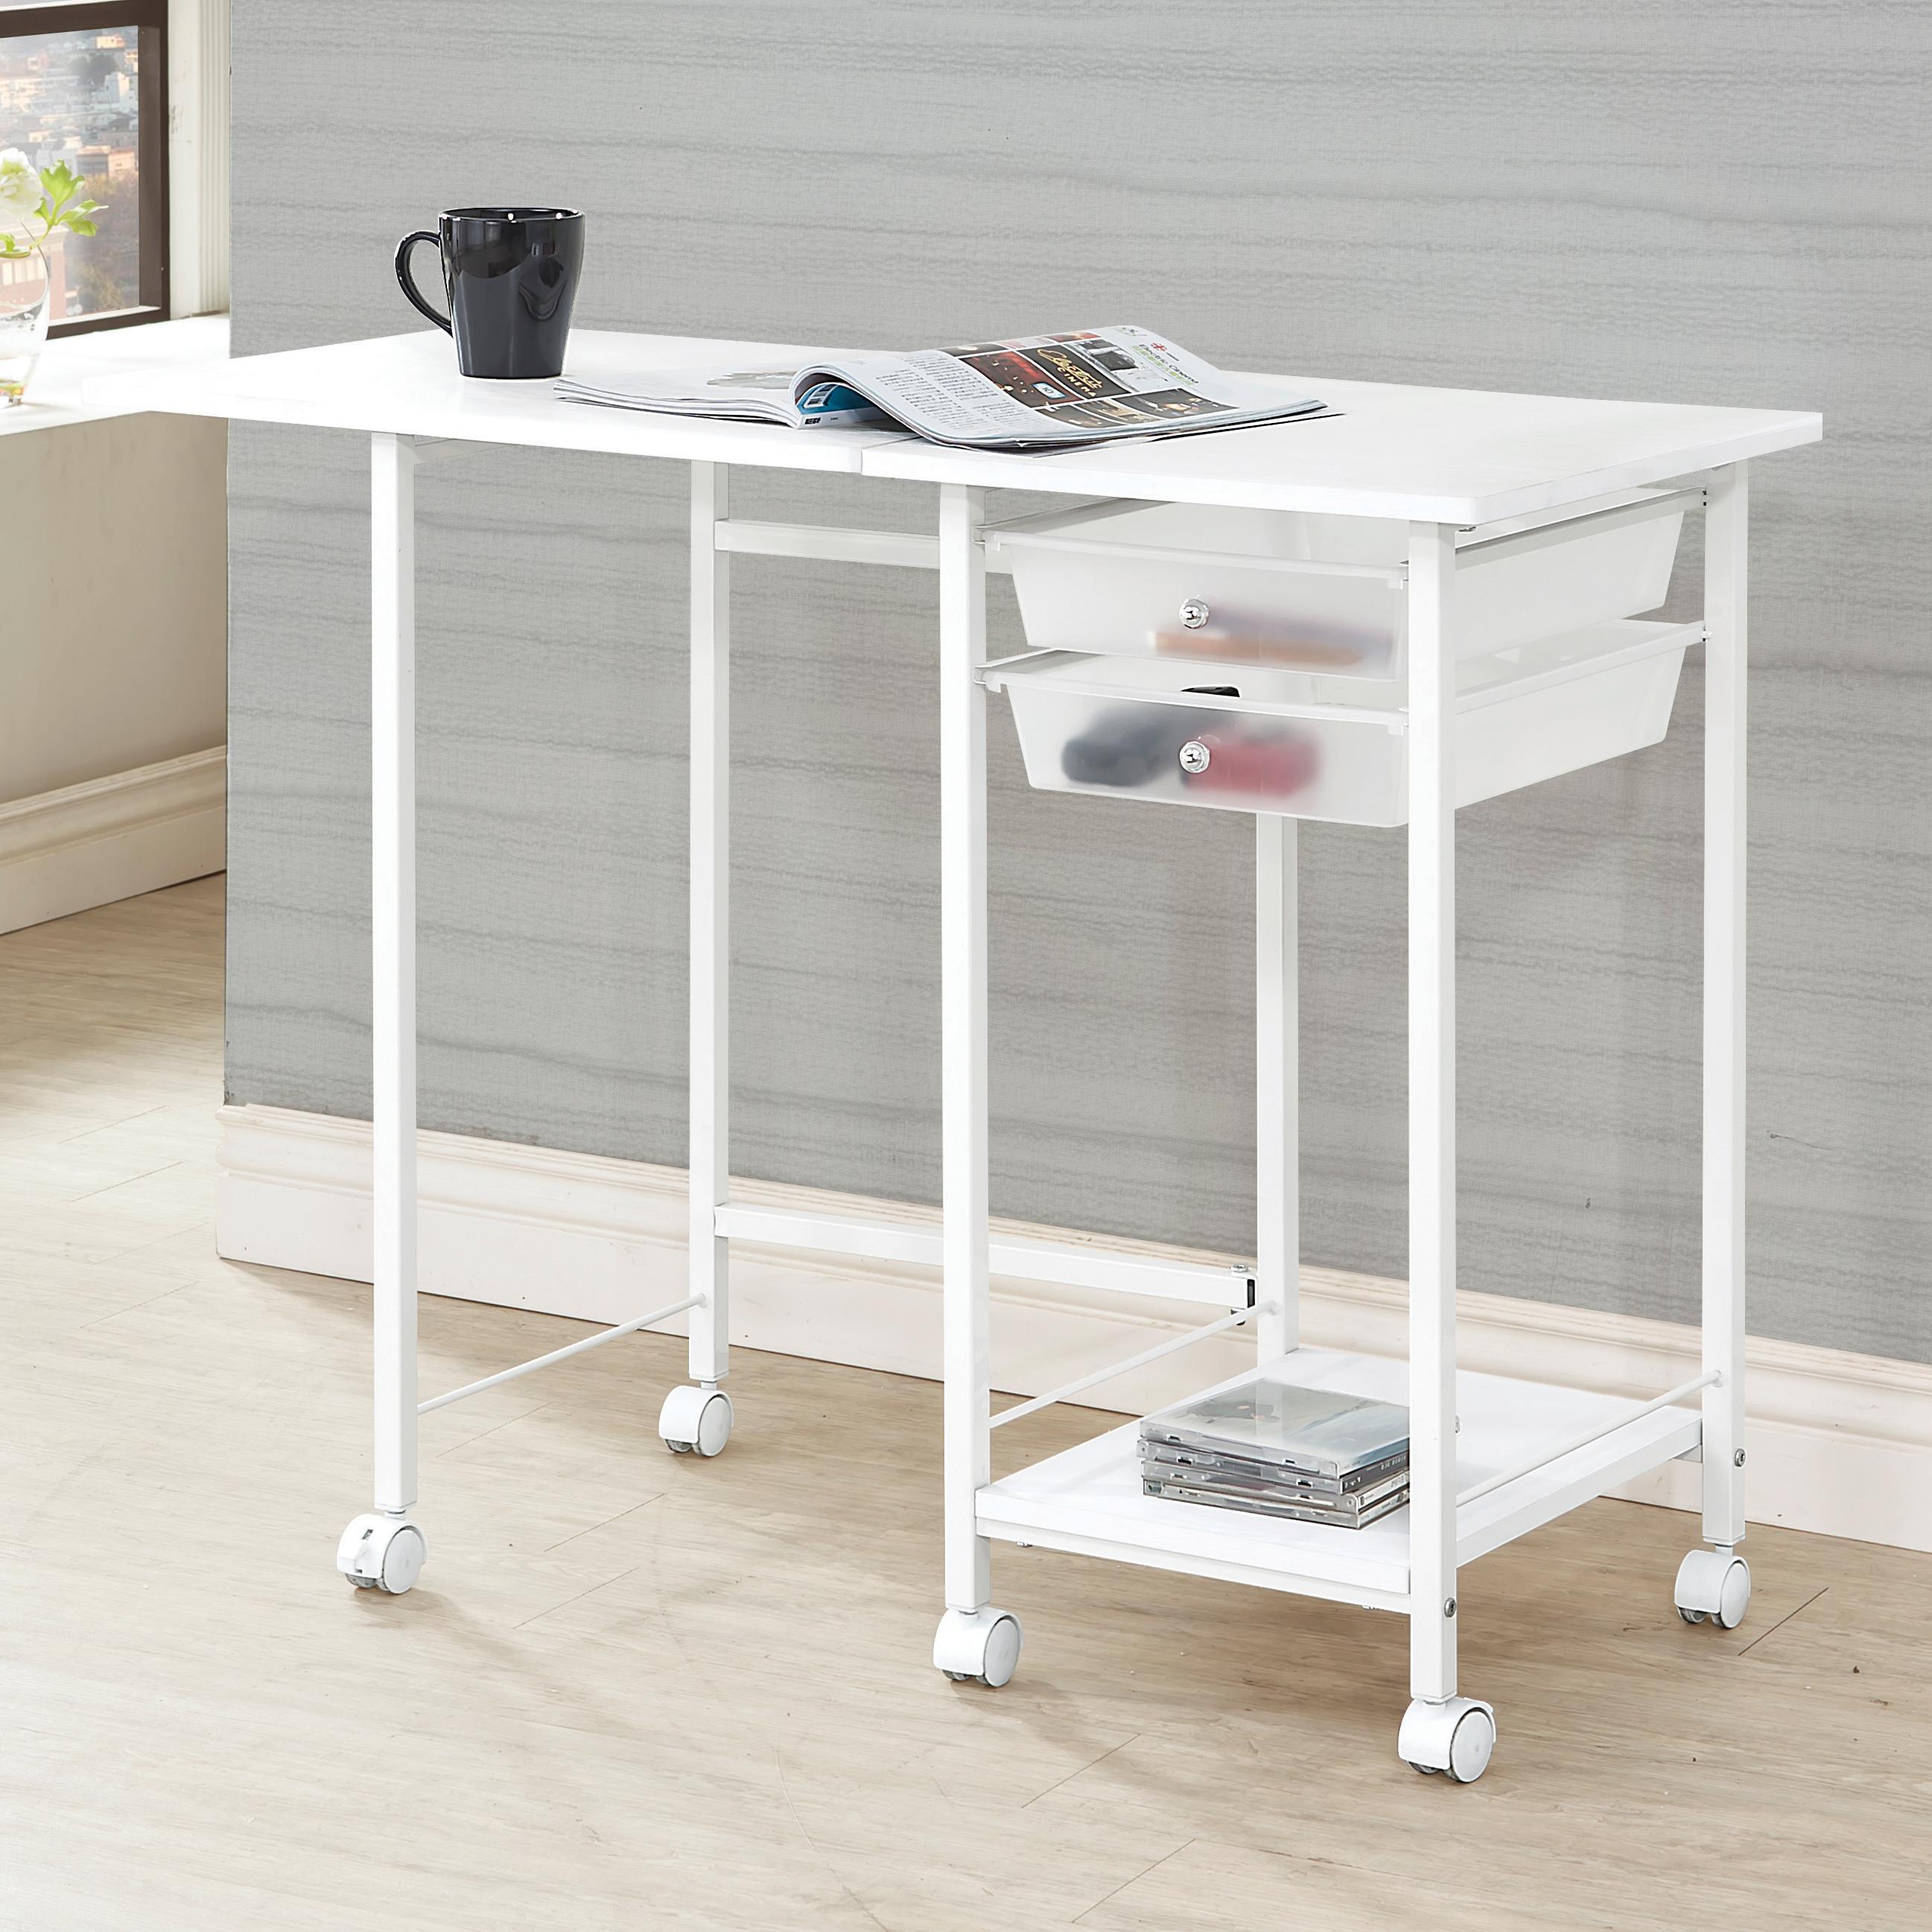 folding writing desk Buy folding office desk products like fold-out convertible desk in black, fold-out convertible desk in walnut, southern enterprises francisco desk in oak, alexander.